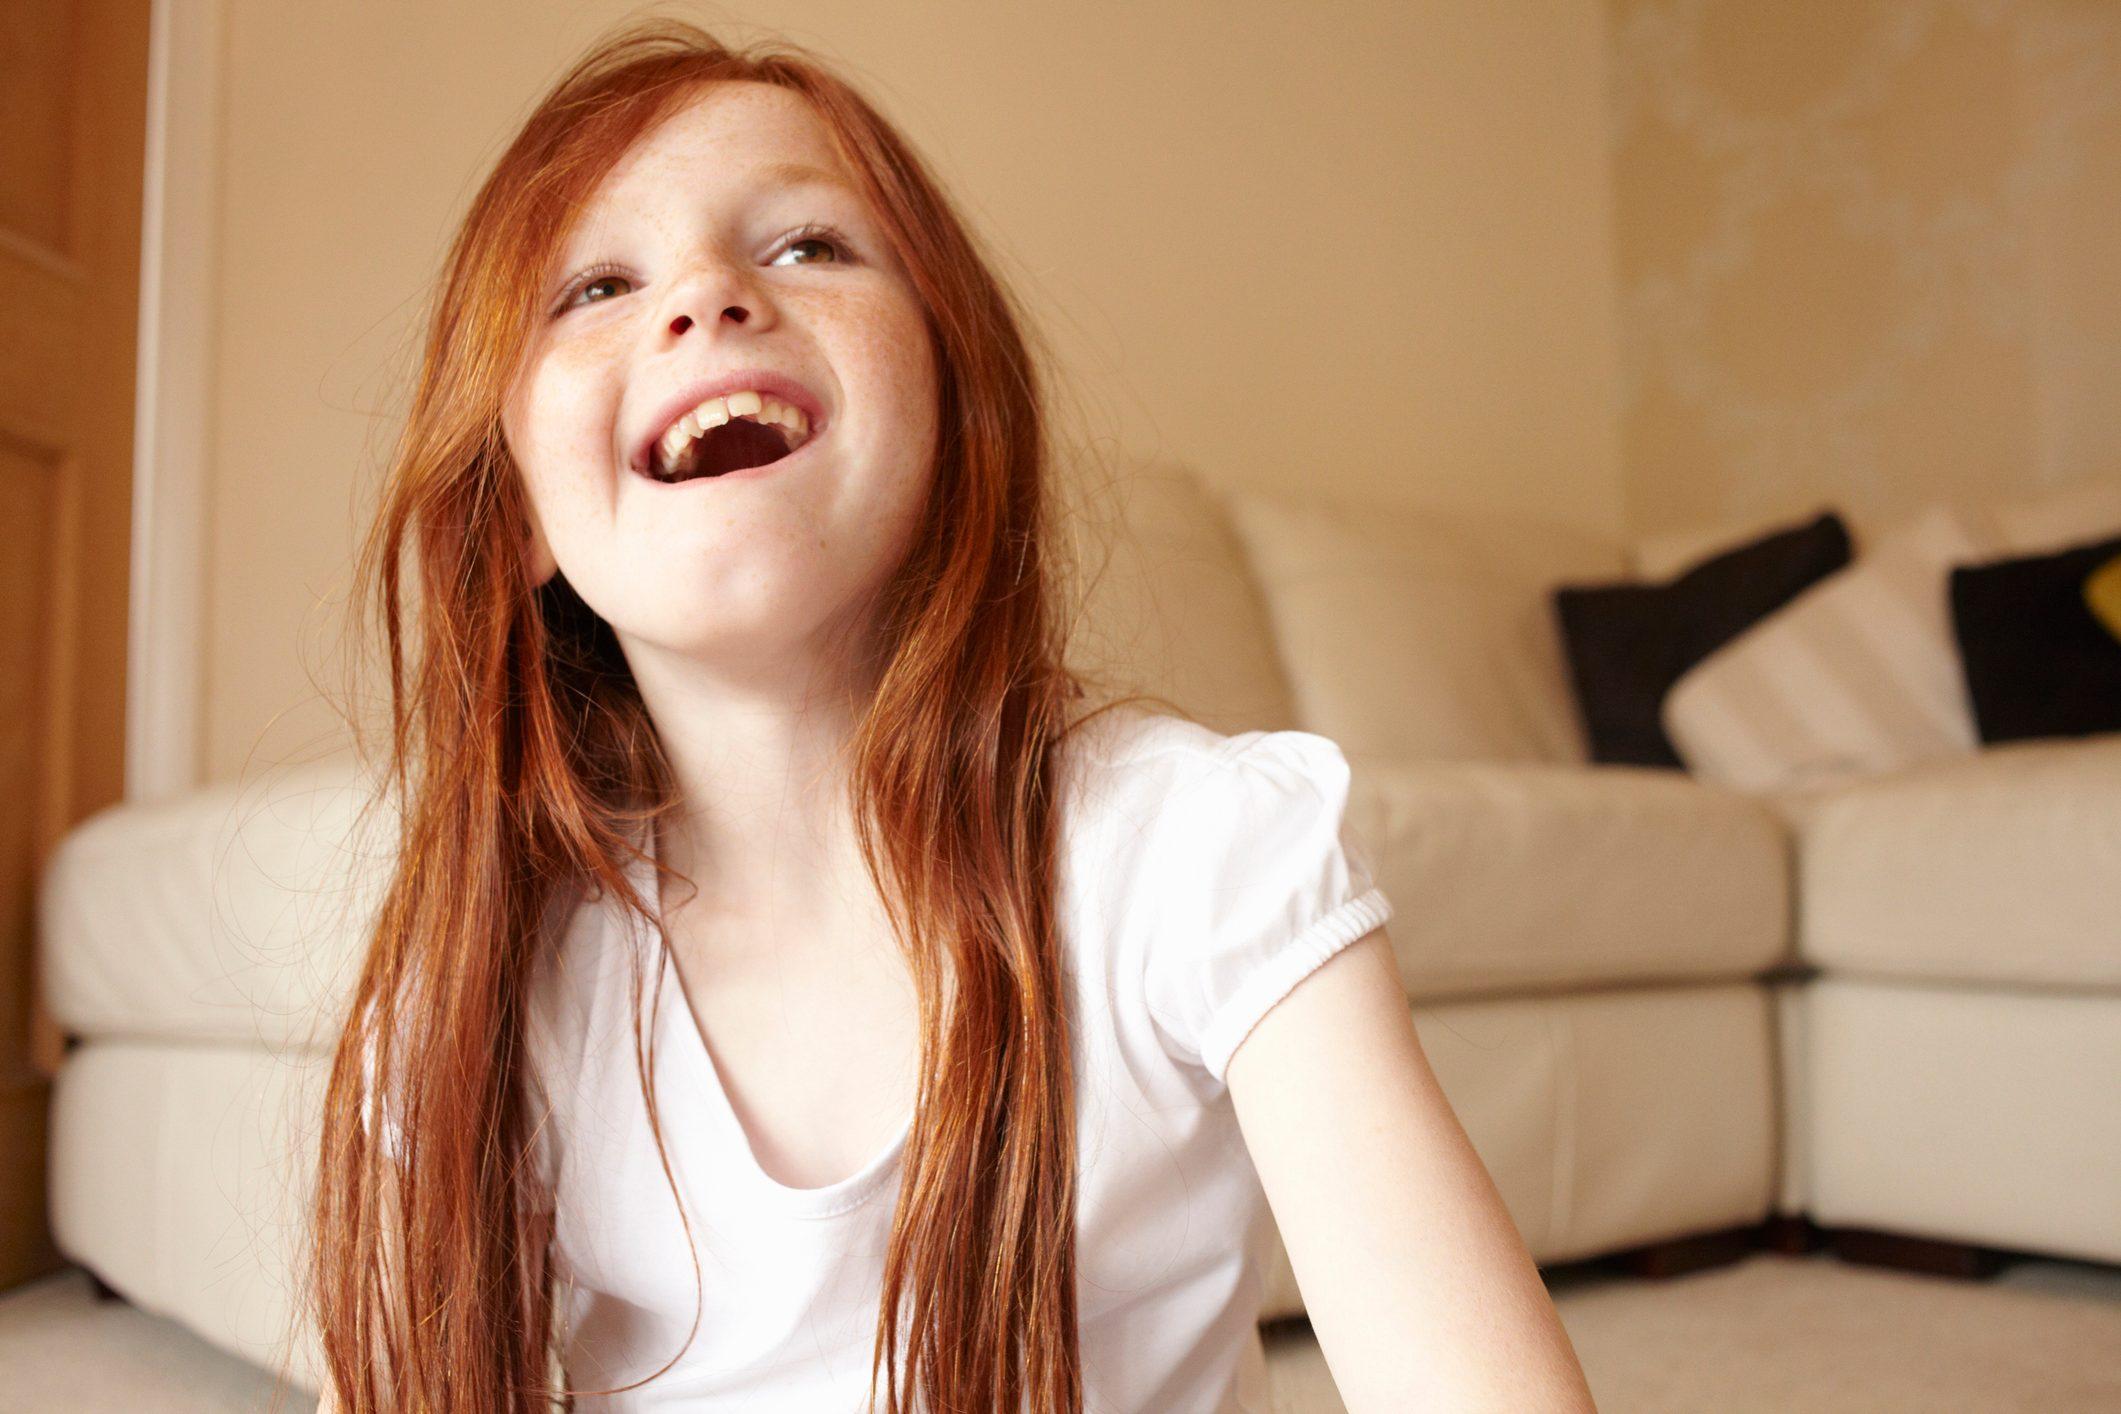 Girl smiling on living room floor